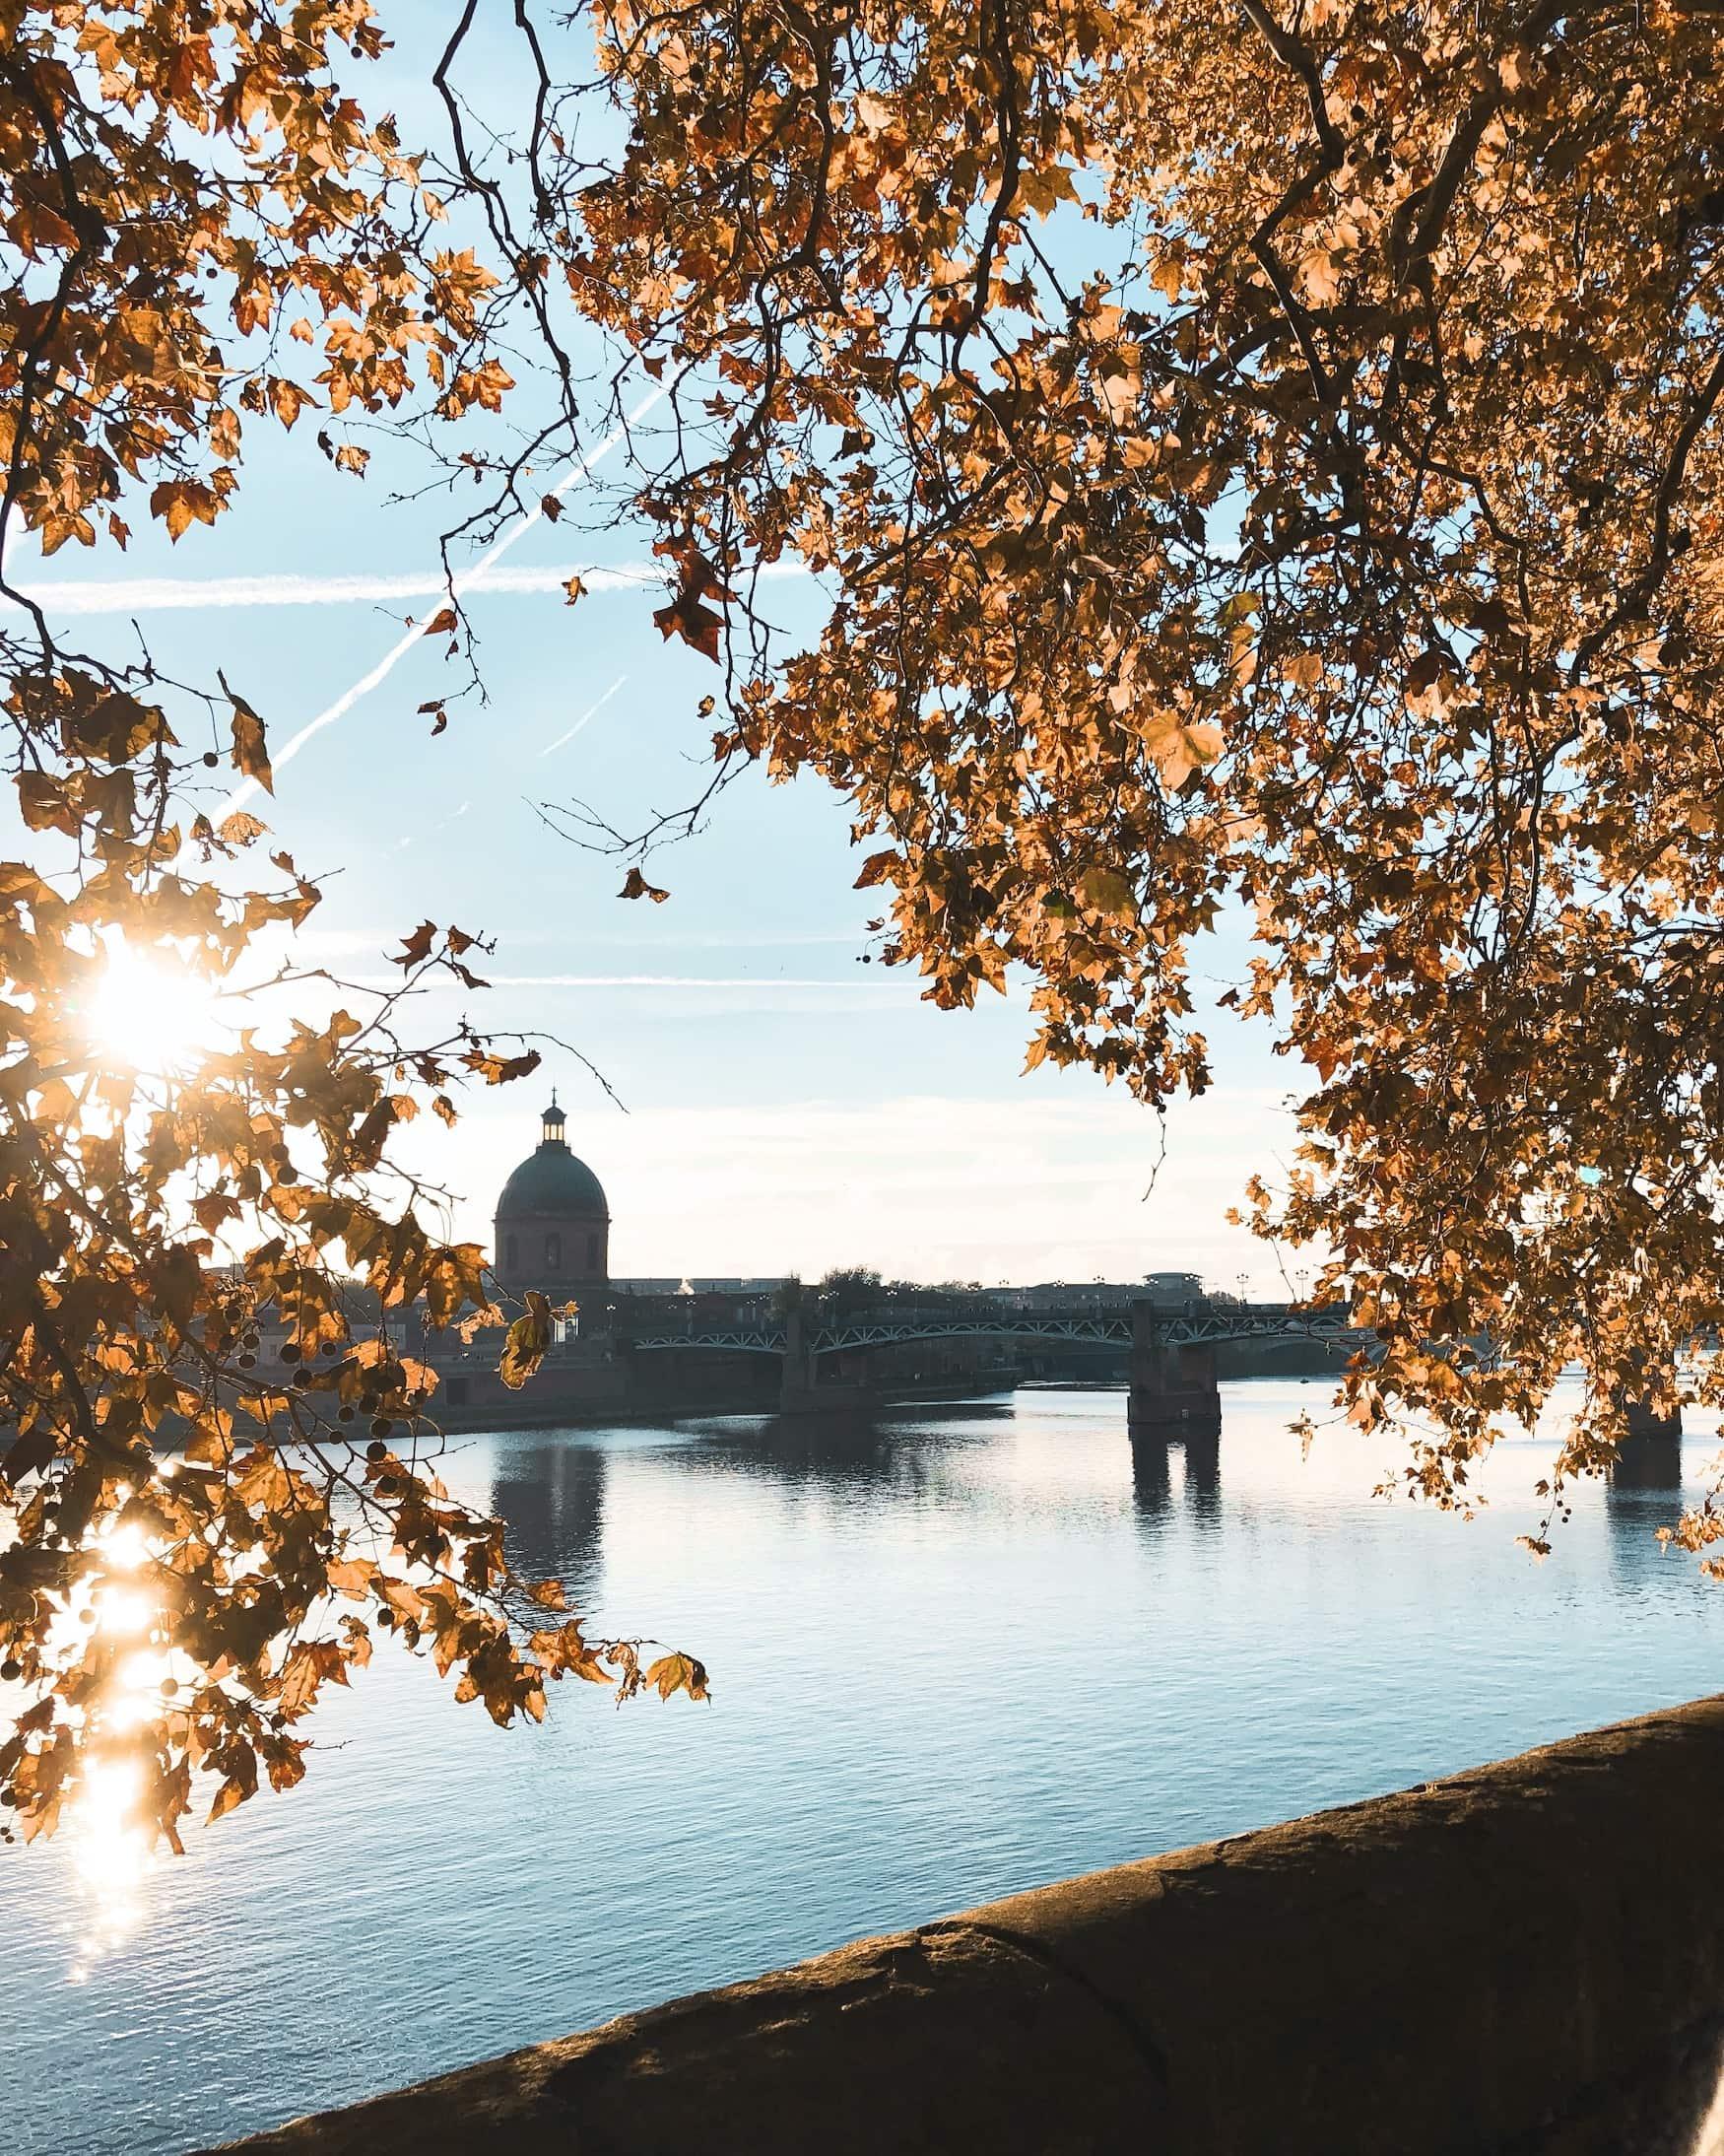 Blick auf das Ufer der Garonne in Toulouse, ein Spaziergang gehört zu den Sehenswürdigkeiten der Stadt